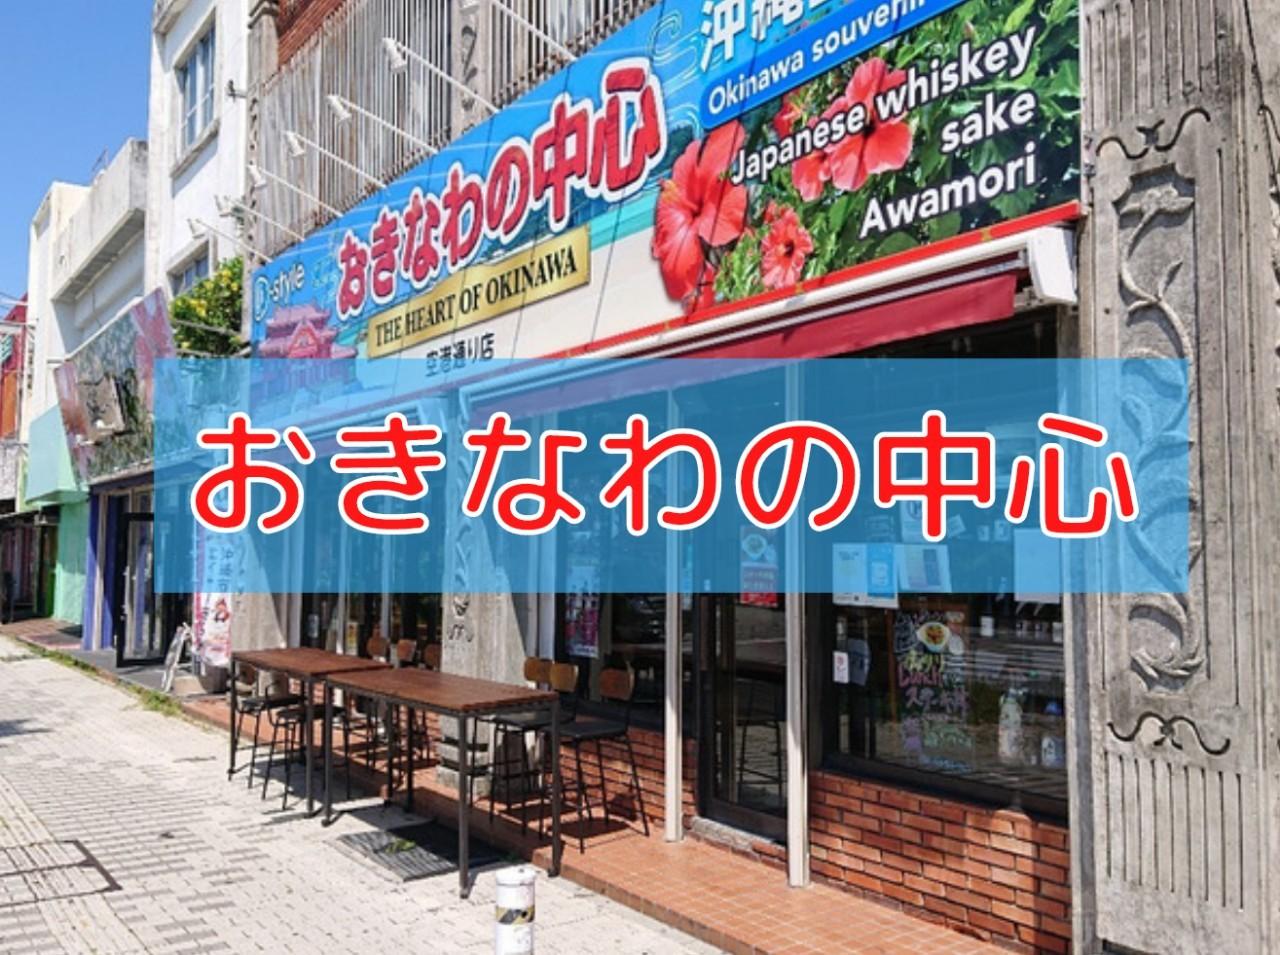 おきなわの中心ゴヤ市場沖縄市中央